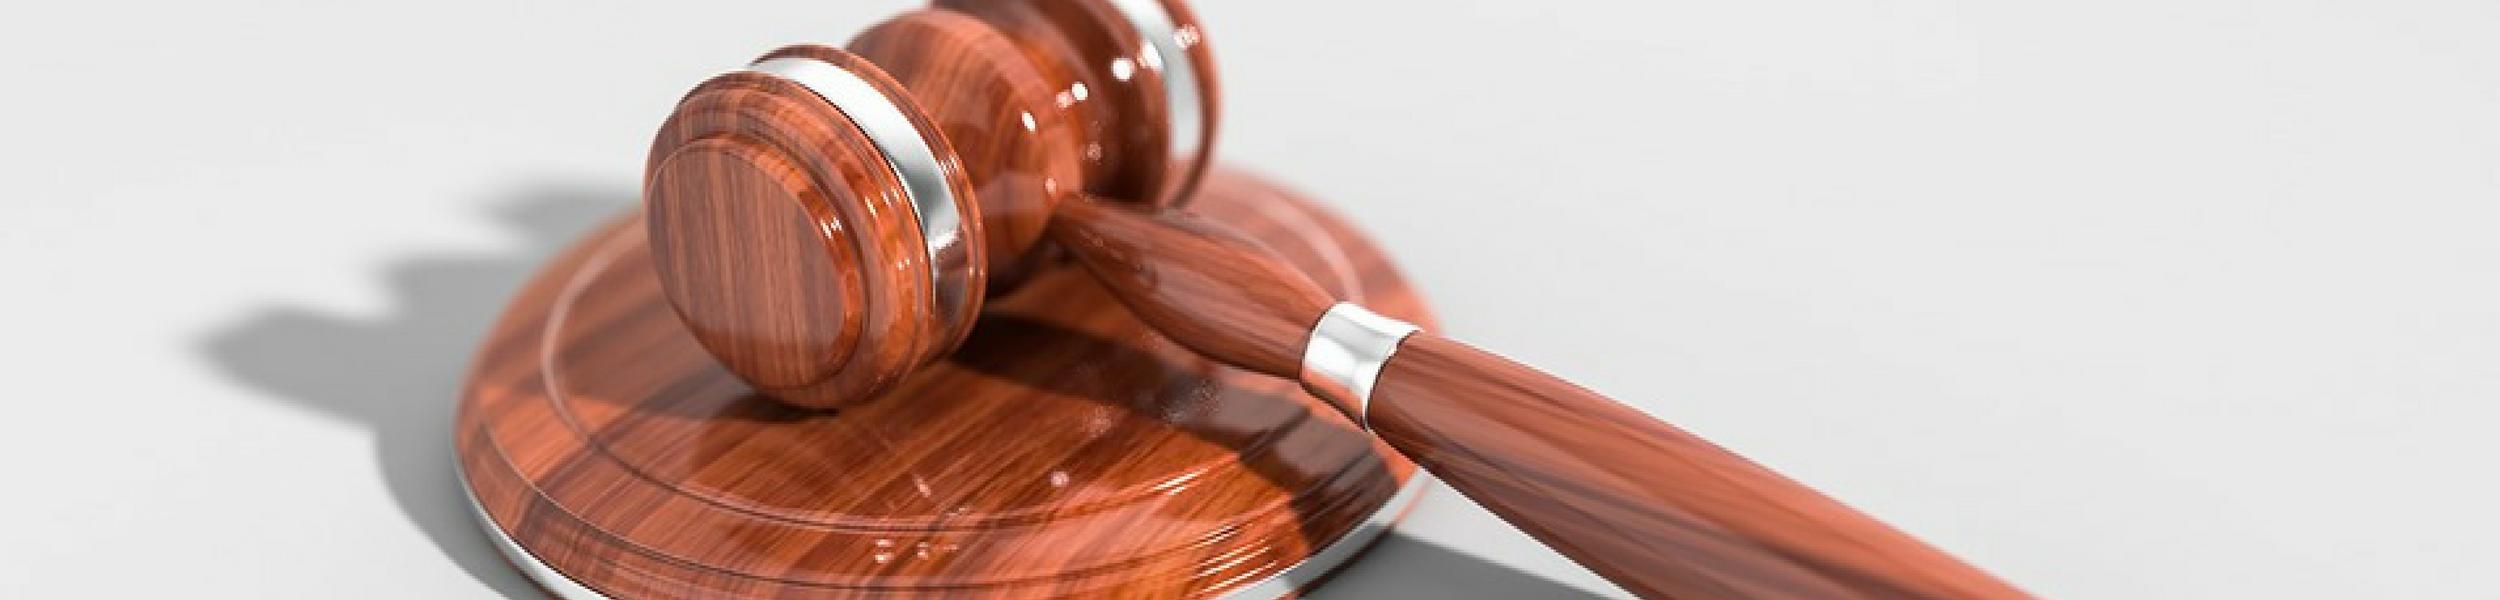 veille juridique marteau